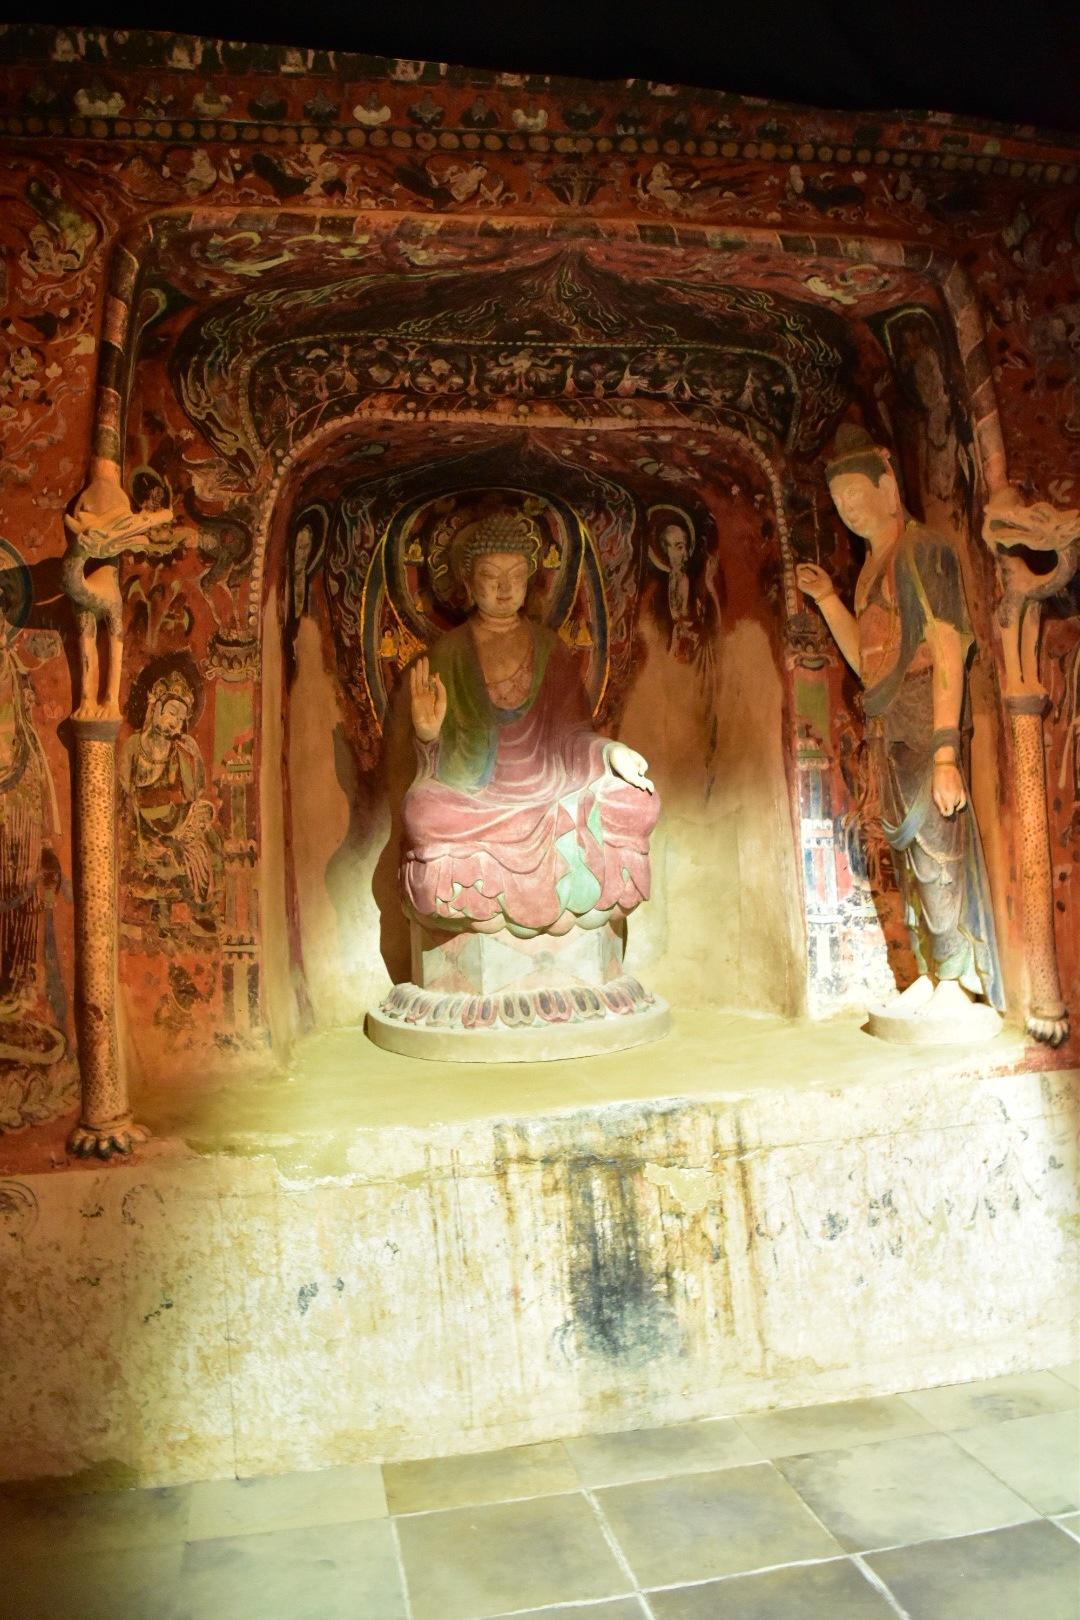 クローン文化財 敦煌莫高窟 第57窟(部分)7世紀前半 自然光を再現した照明